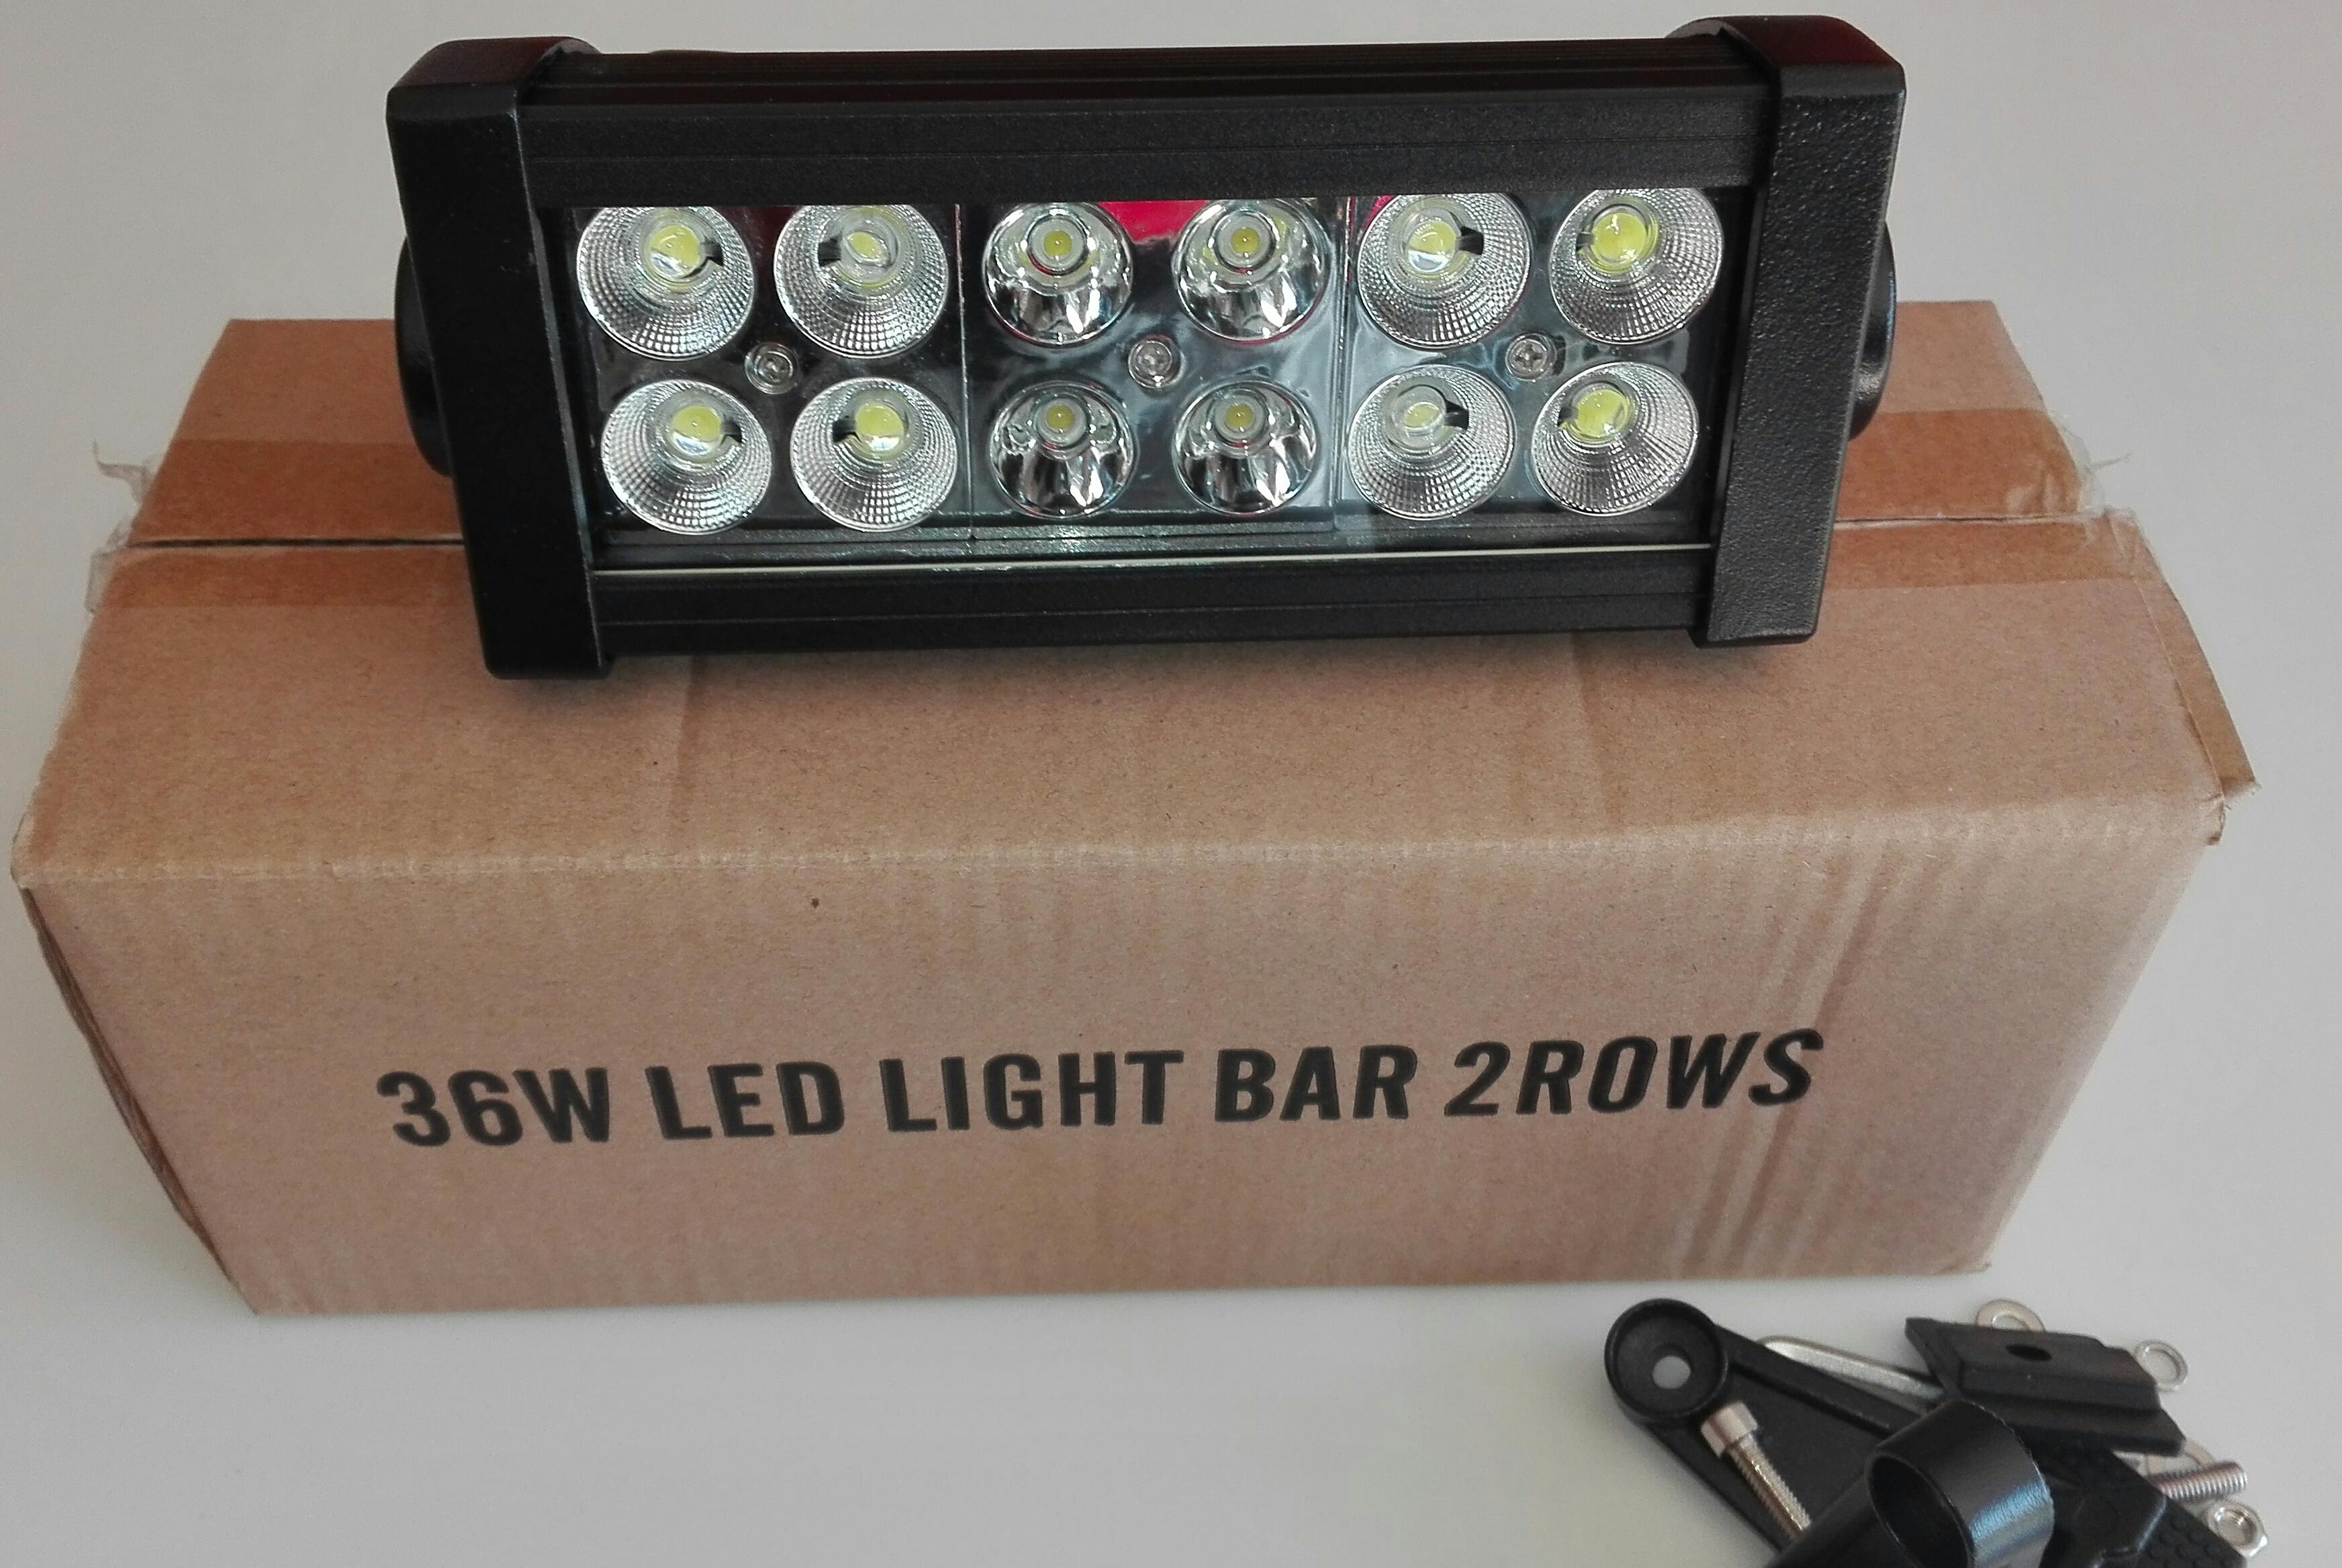 32W LED BAR